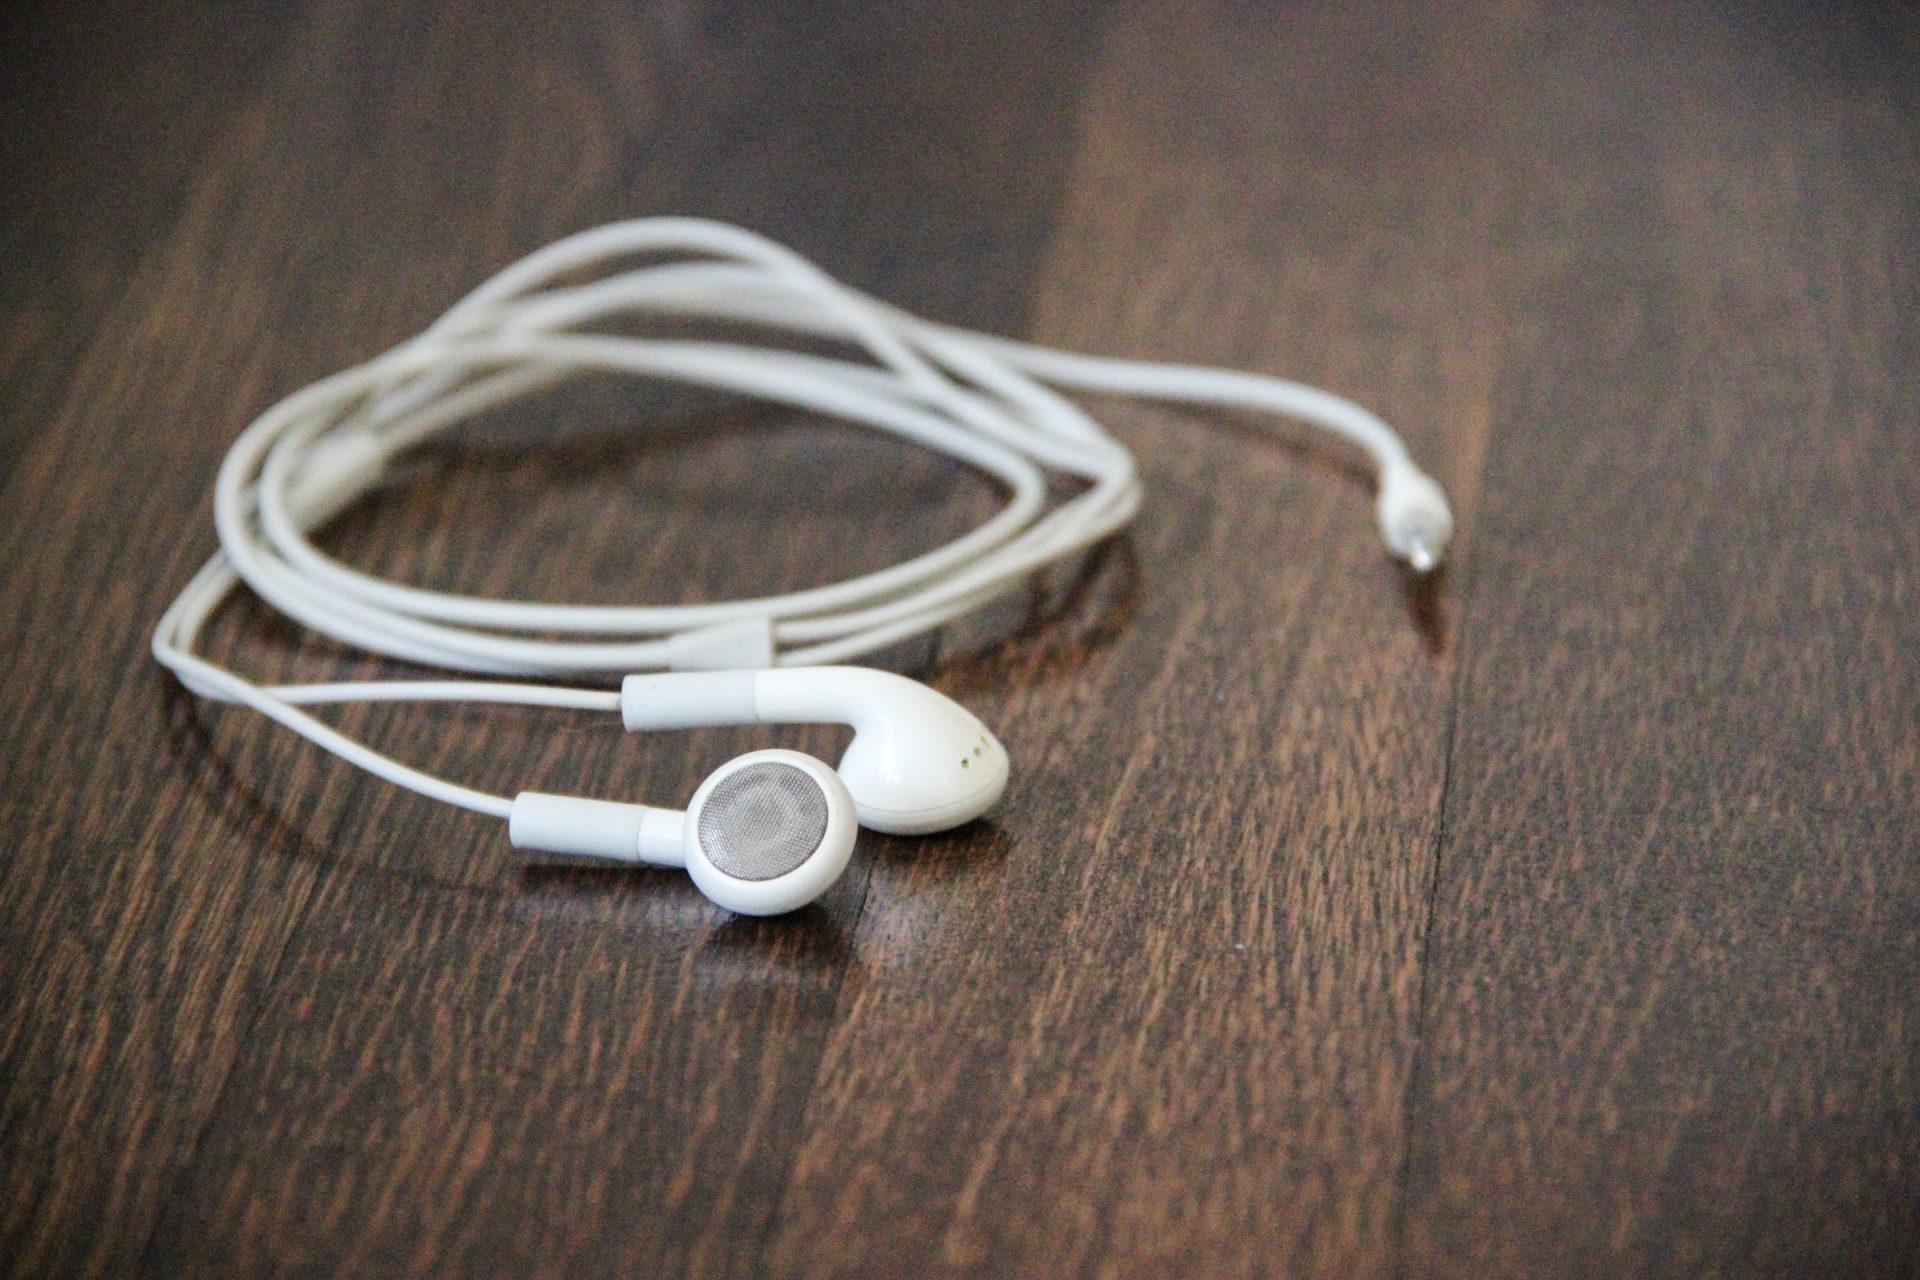 White Earphones on Wood Desk